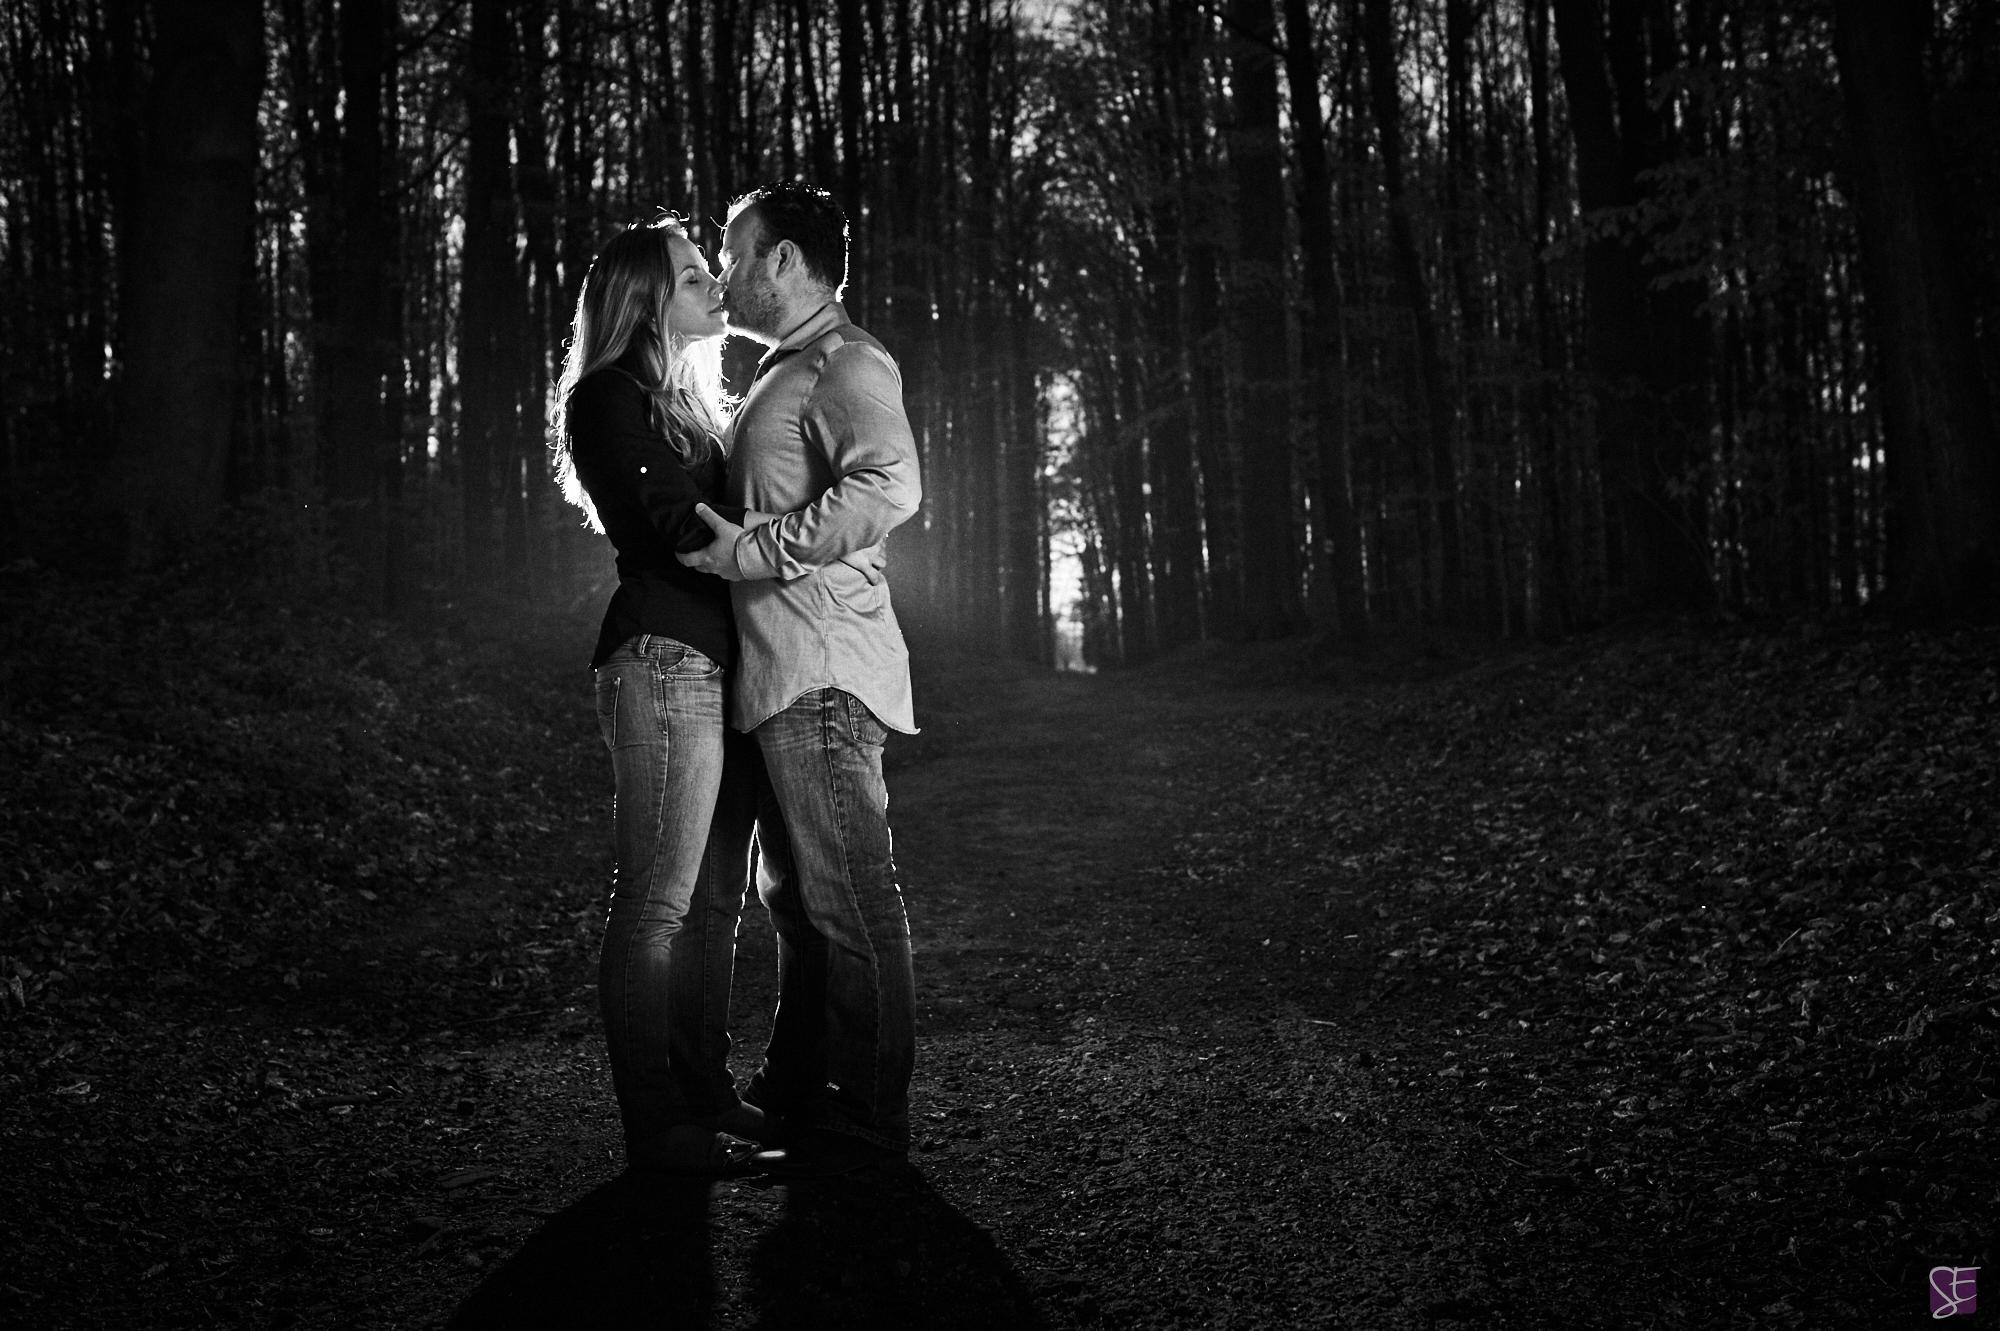 Notre session d'engagement : un moment unique en amoureux